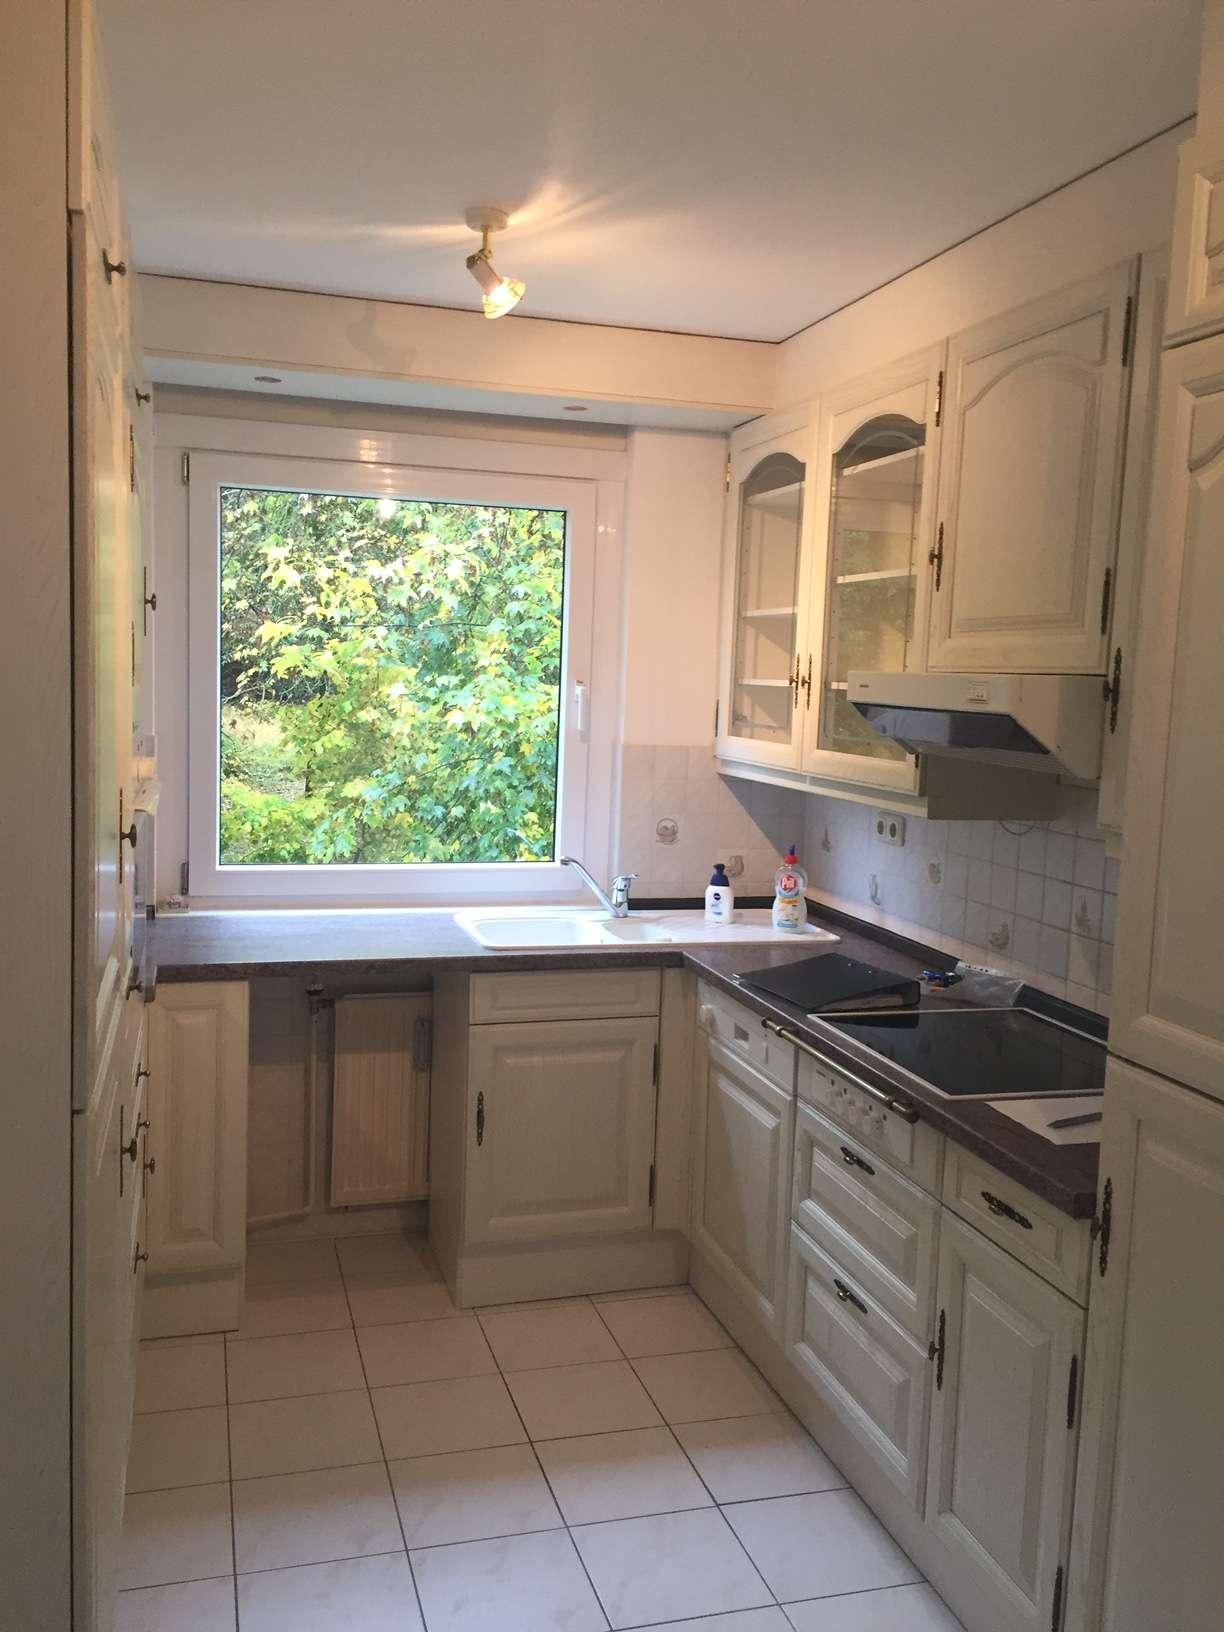 Gepflegte 2-Zimmer-Wohnung mit Balkon und Einbauküche in Unterallgäu (Kreis) in Bad Wörishofen